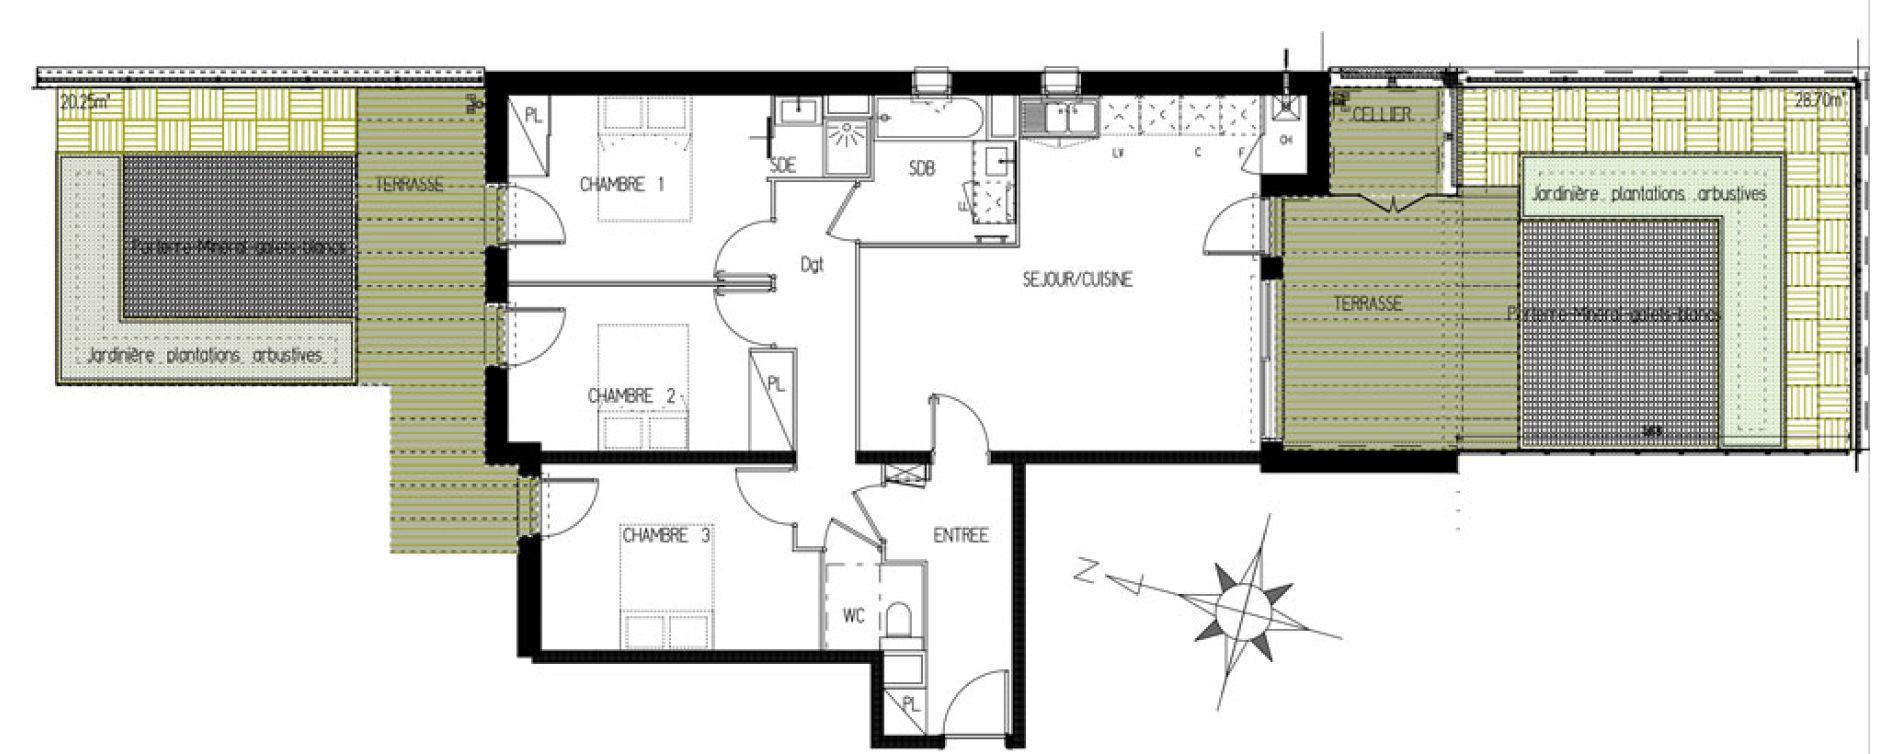 Appartement T4 de 82,00 m2 à Castanet-Tolosan Castanet tolosan centre